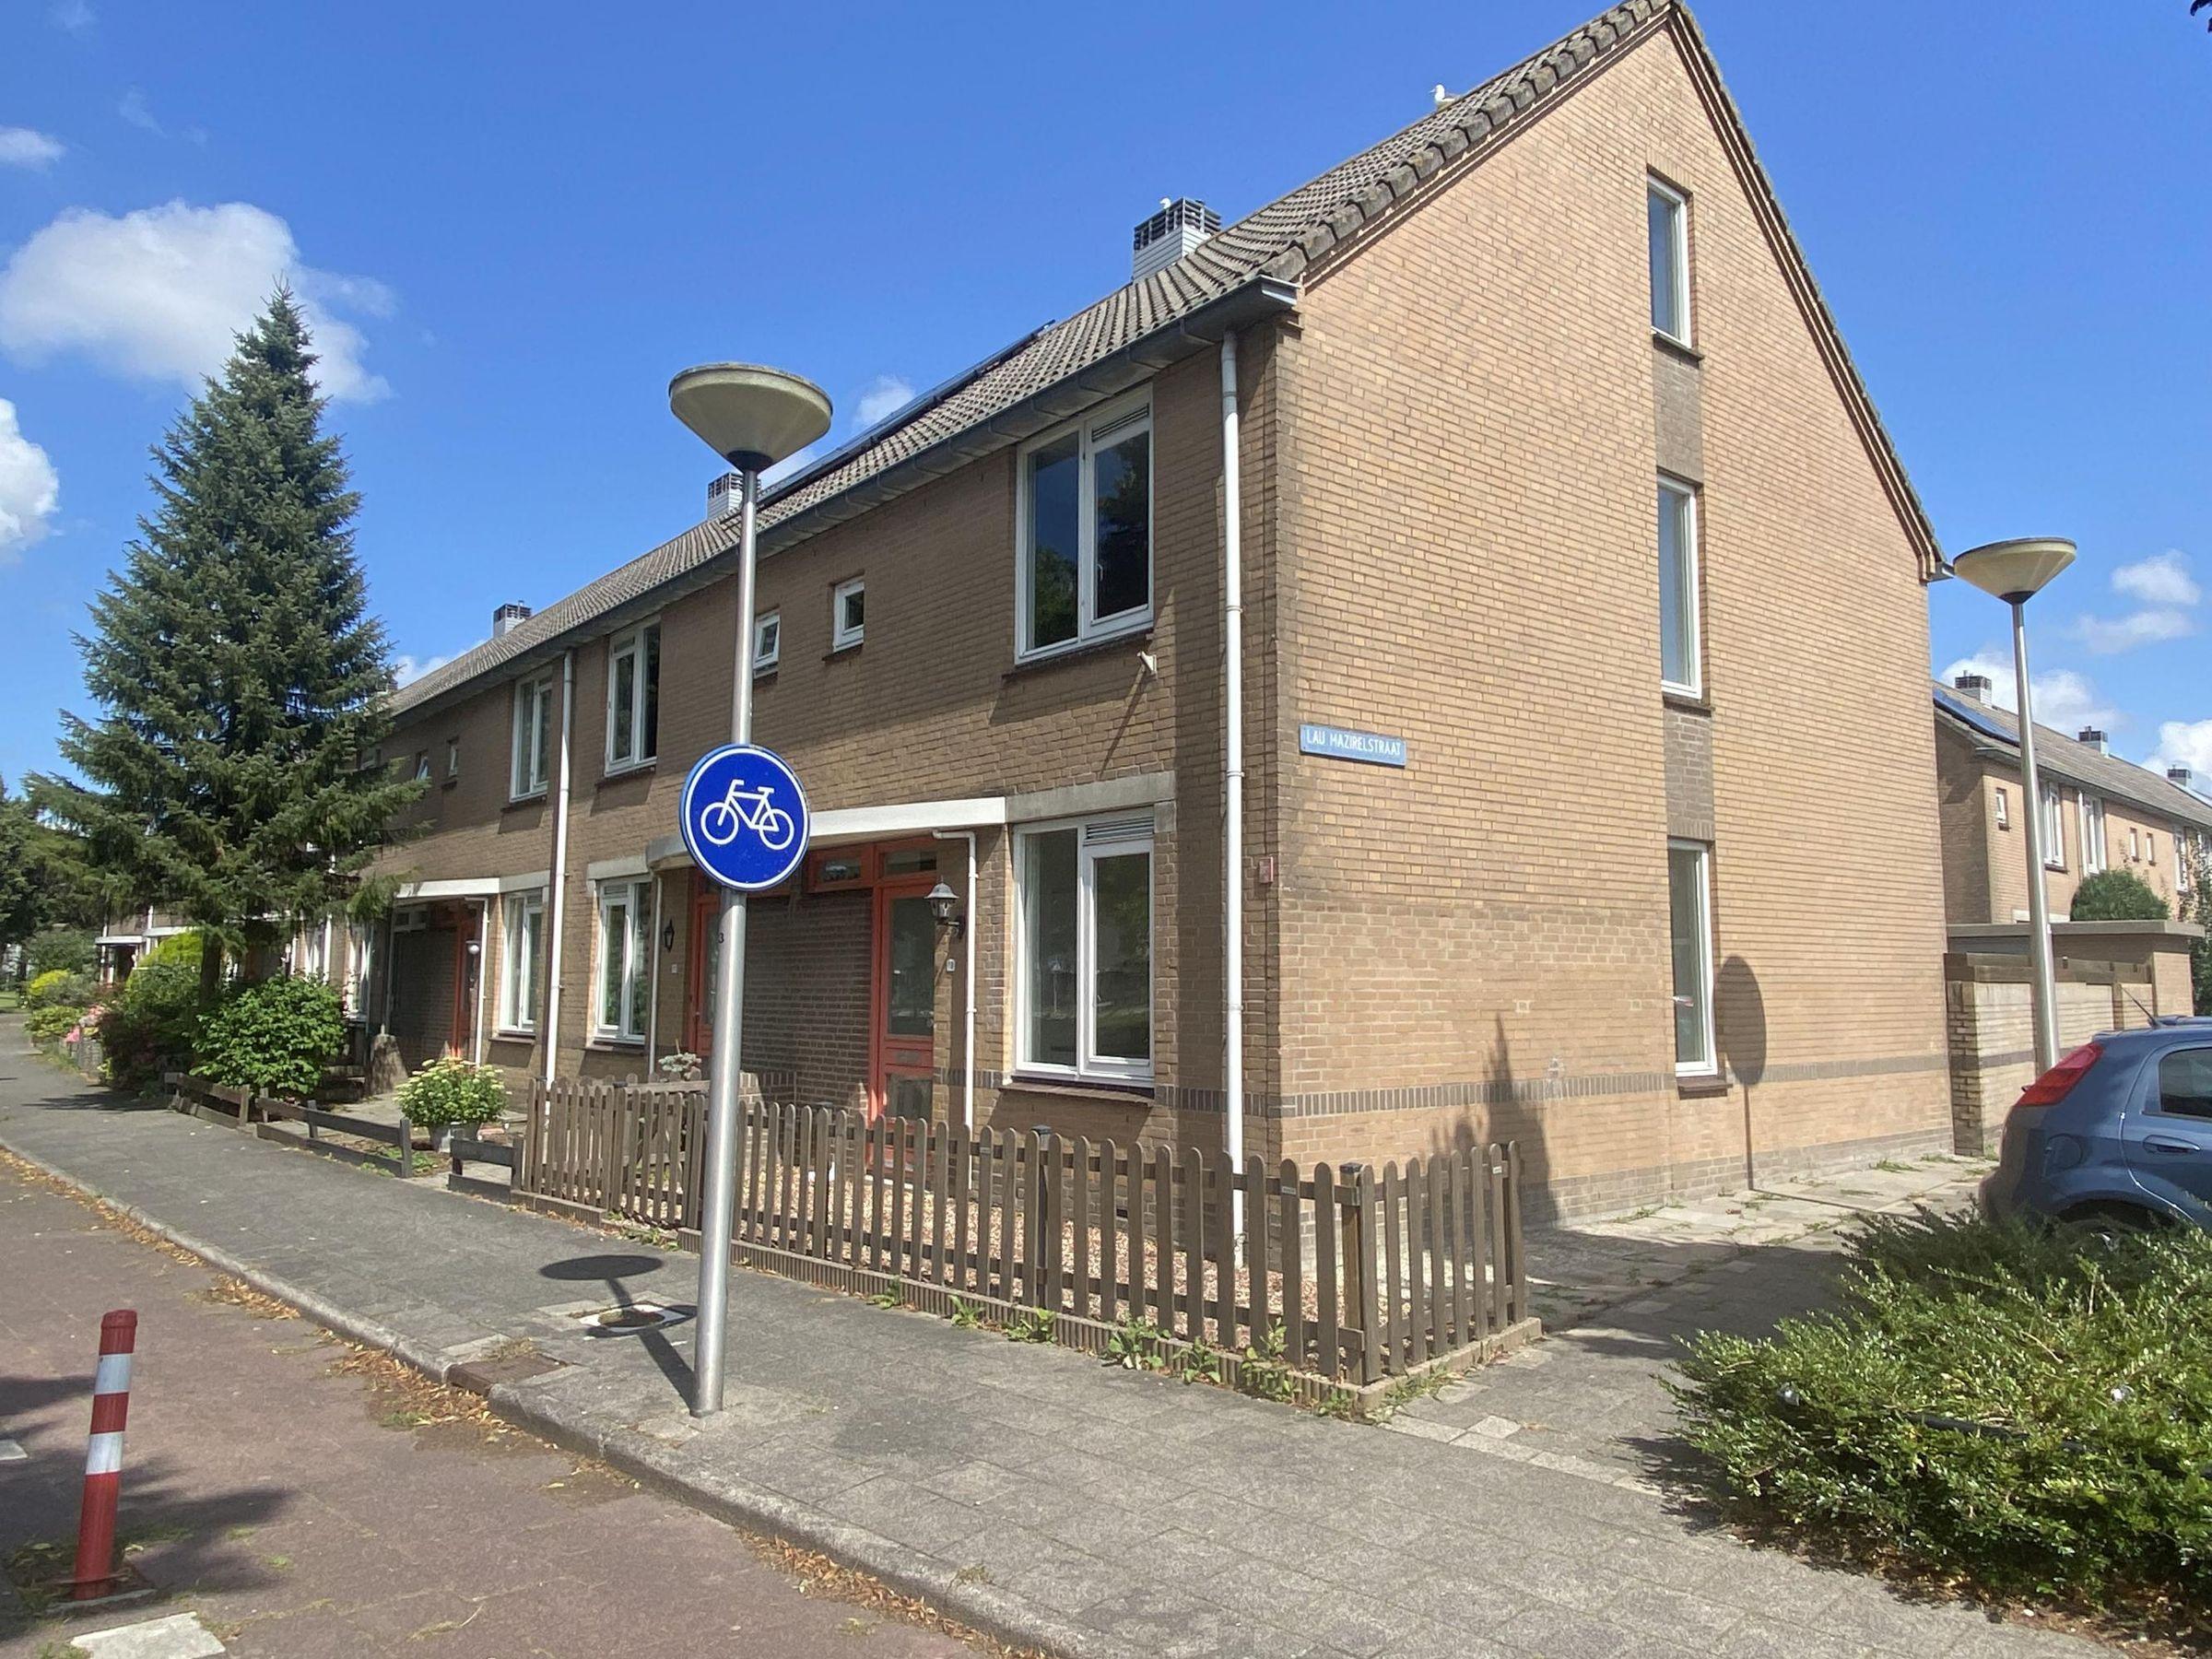 Jeltje de Bosch Kemperstraat 19, Spijkenisse